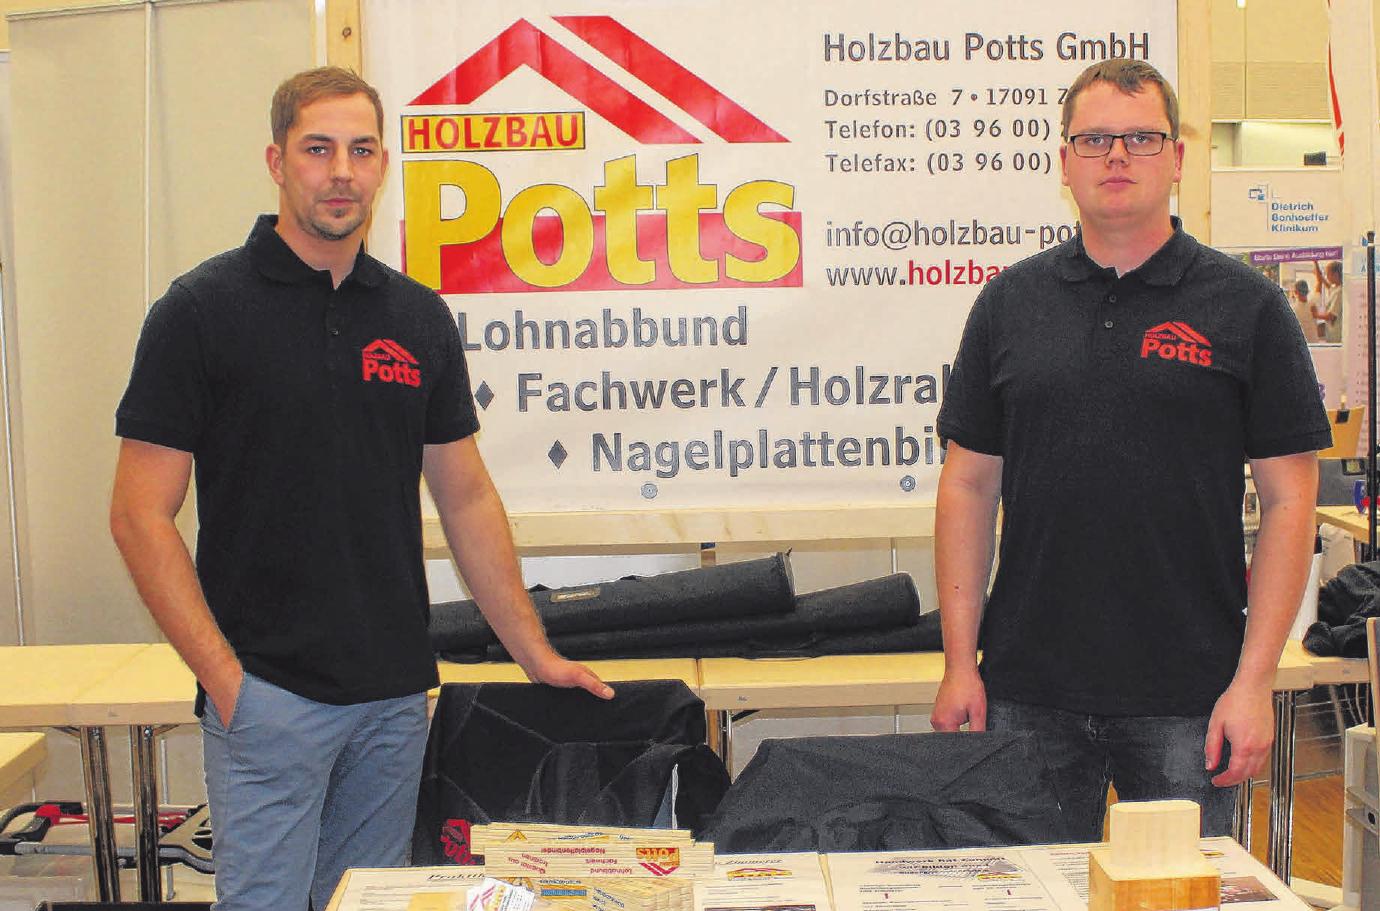 Robert Raude (rechts) studiert Bauingenieurwesen und arbeitet nebenbei bei Holzbau Potts, und Ricardo Krüger (links) ist ausgebildeter Zimmermann. Foto: Johanna Horak